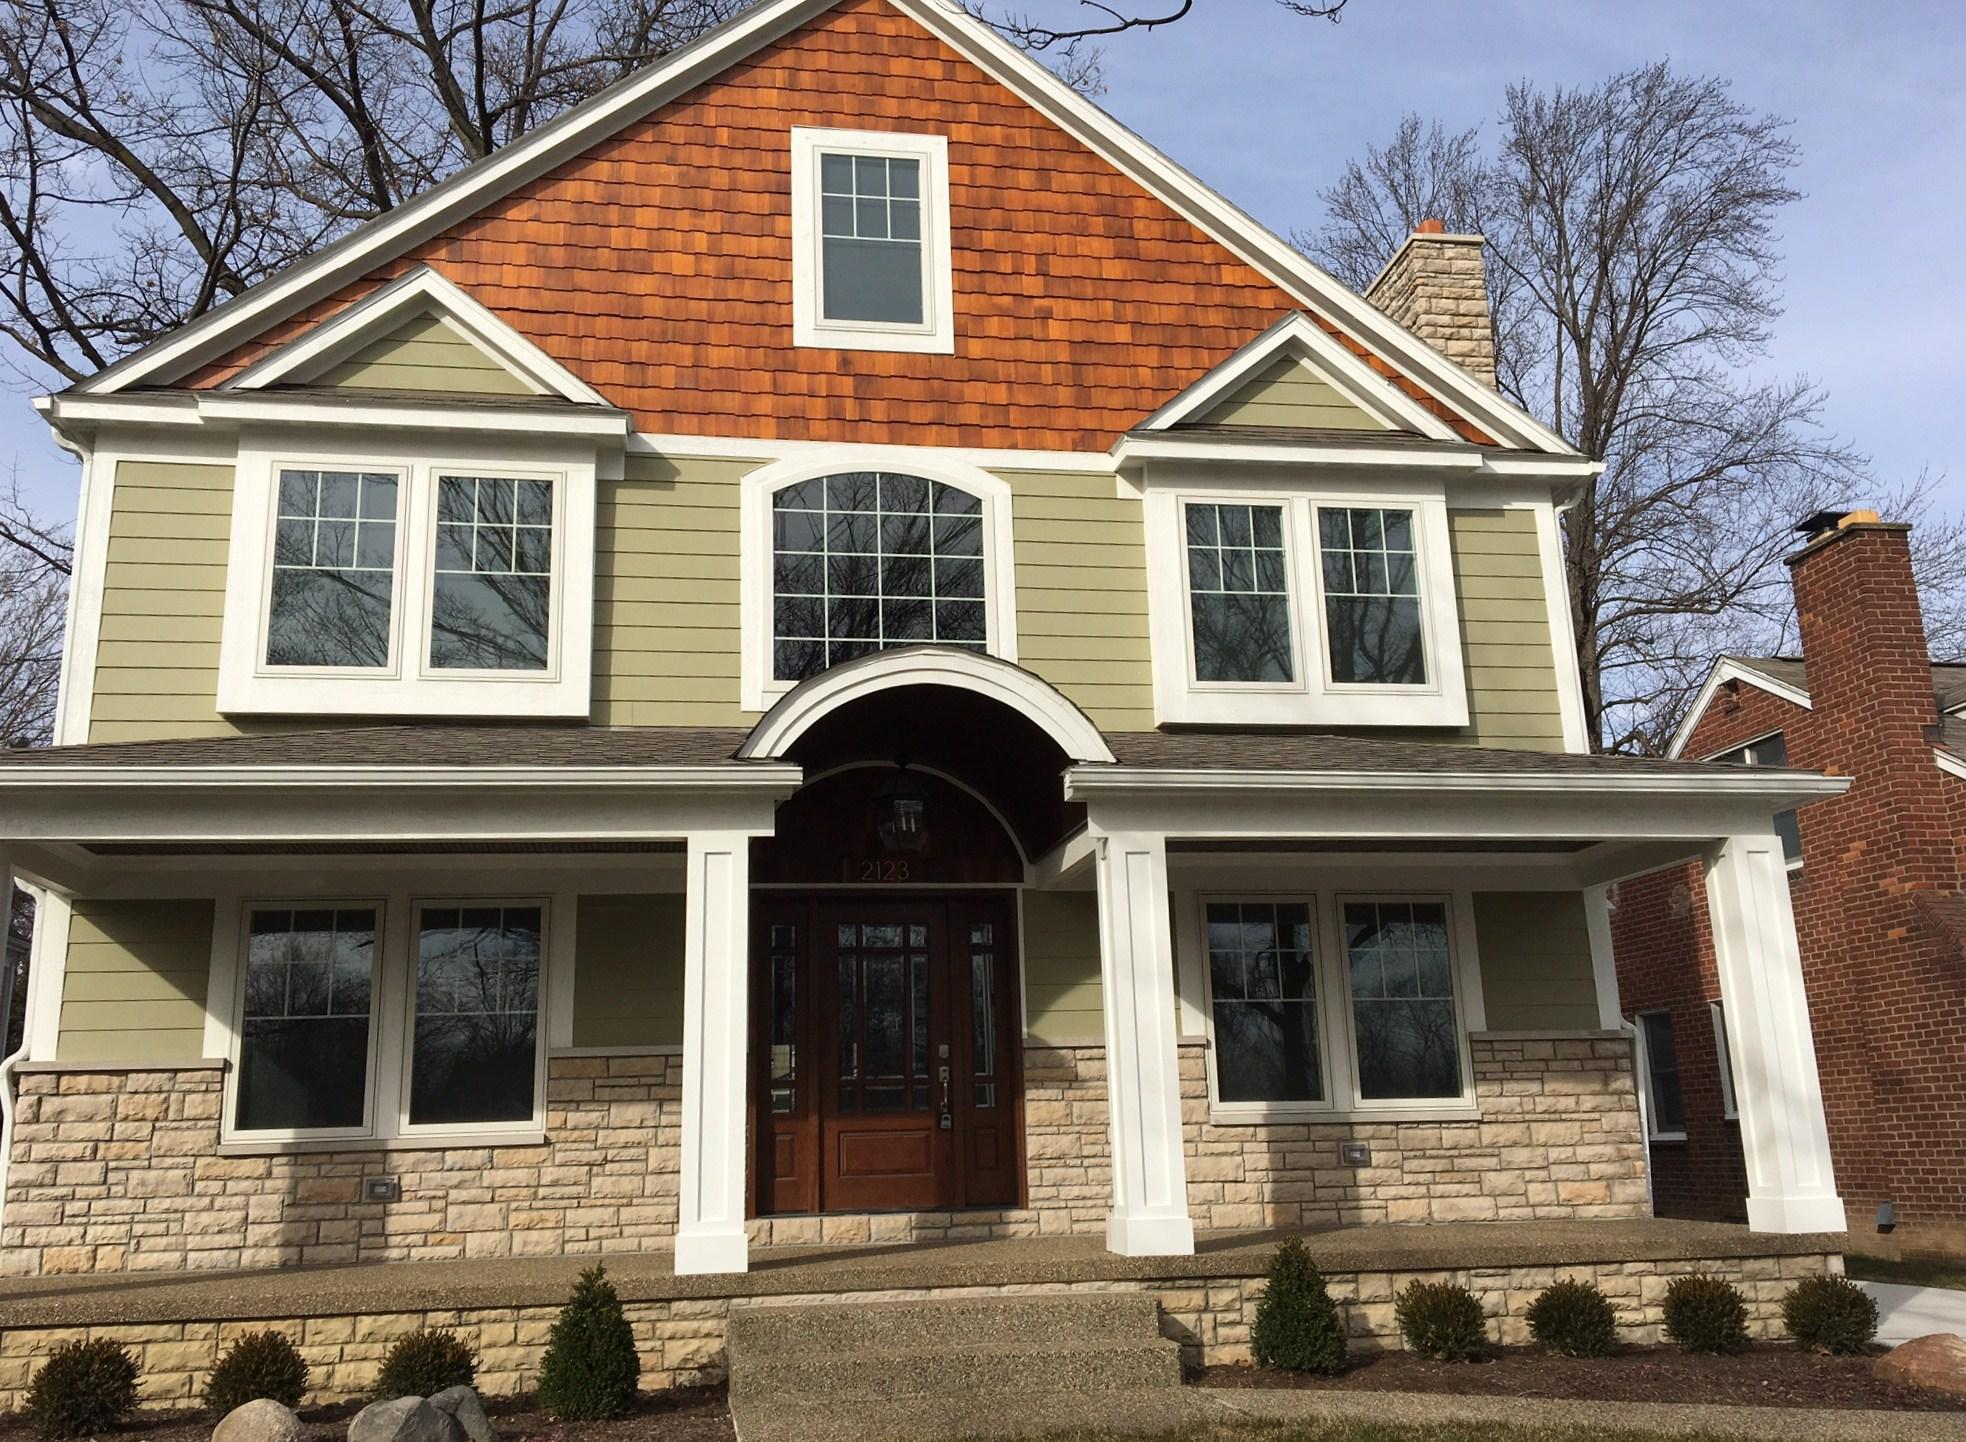 独户住宅 为 销售 在 Birmingham 2123 Windemere Road 伯明翰, 密歇根州, 48009 美国